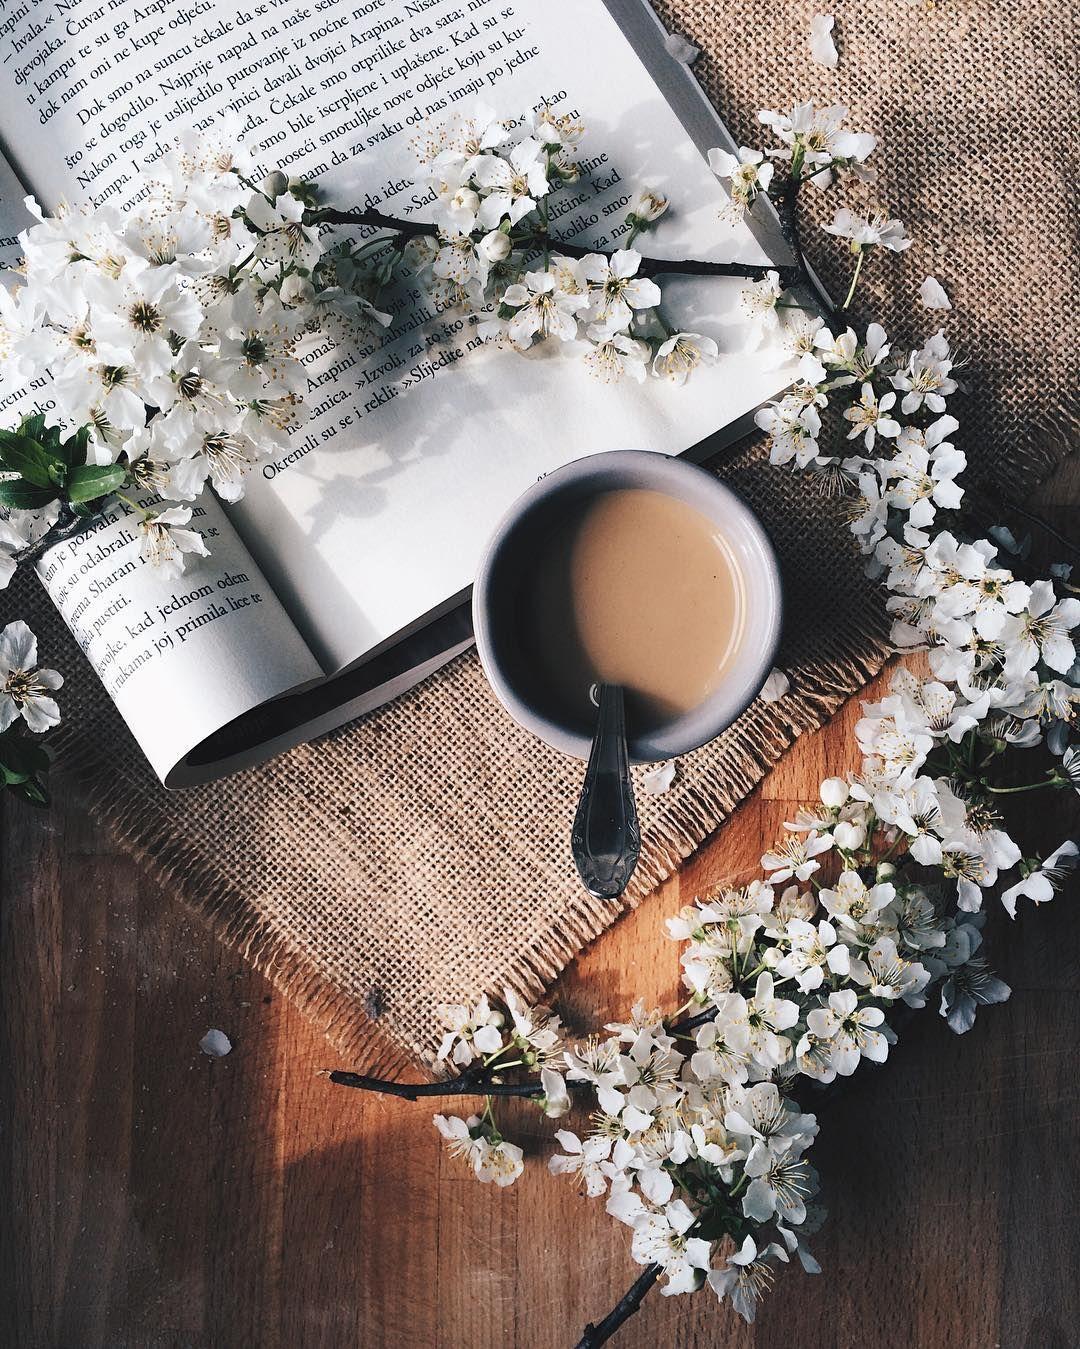 Cialde Da Caffè Immagini